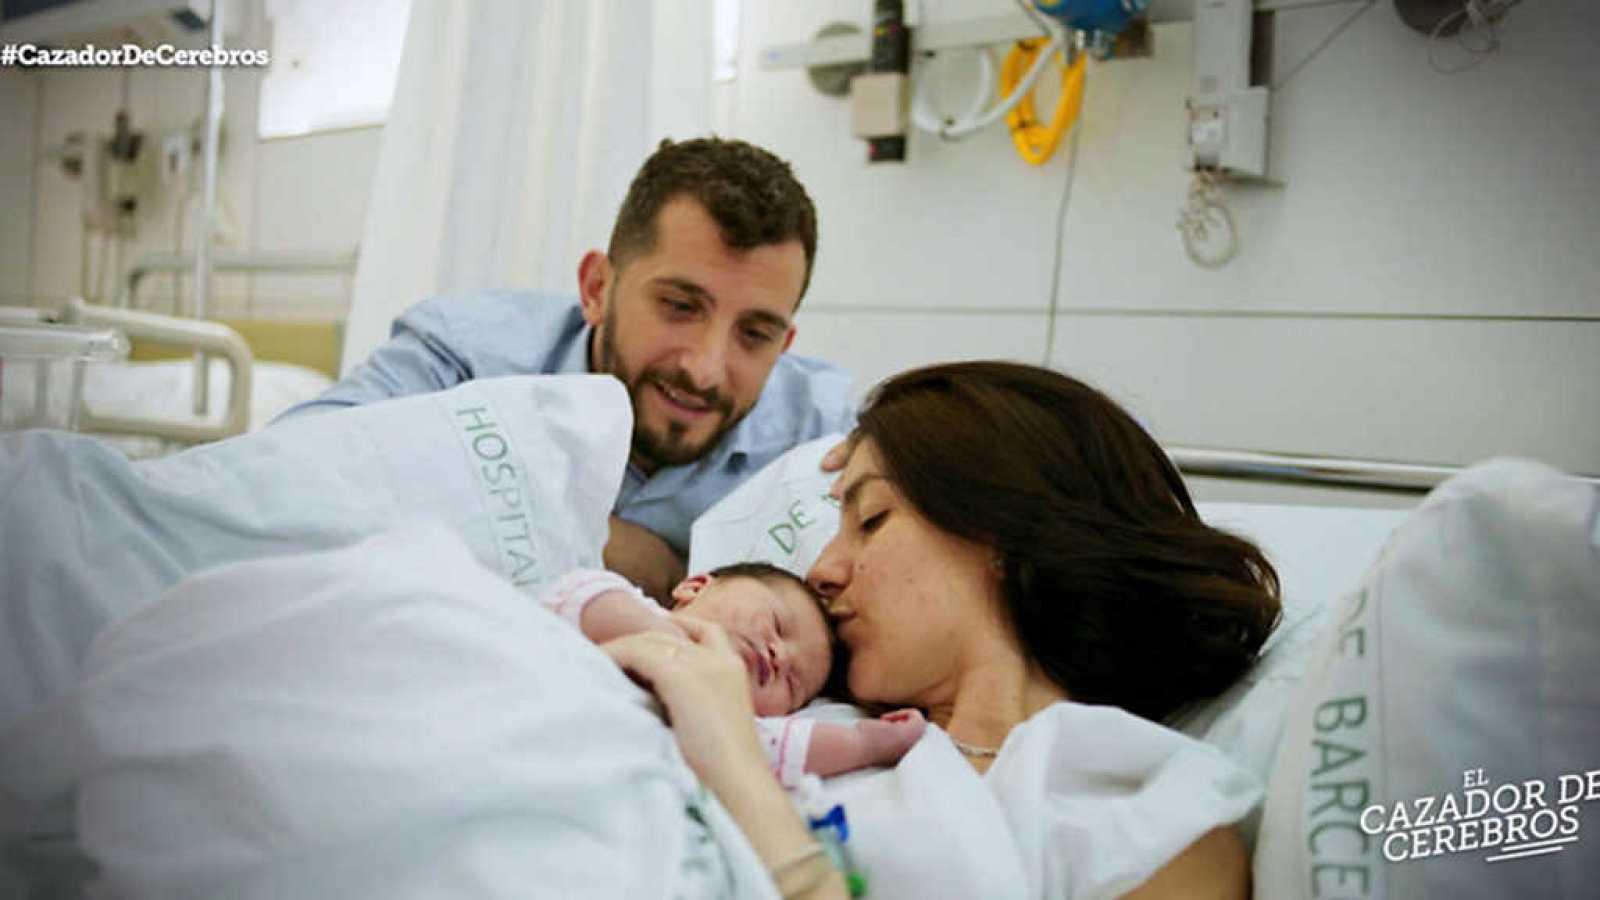 8ce0c67a3 Para todos los públicos El cazador de cerebros - La ciencia del embarazo -  ver ahora reproducir video